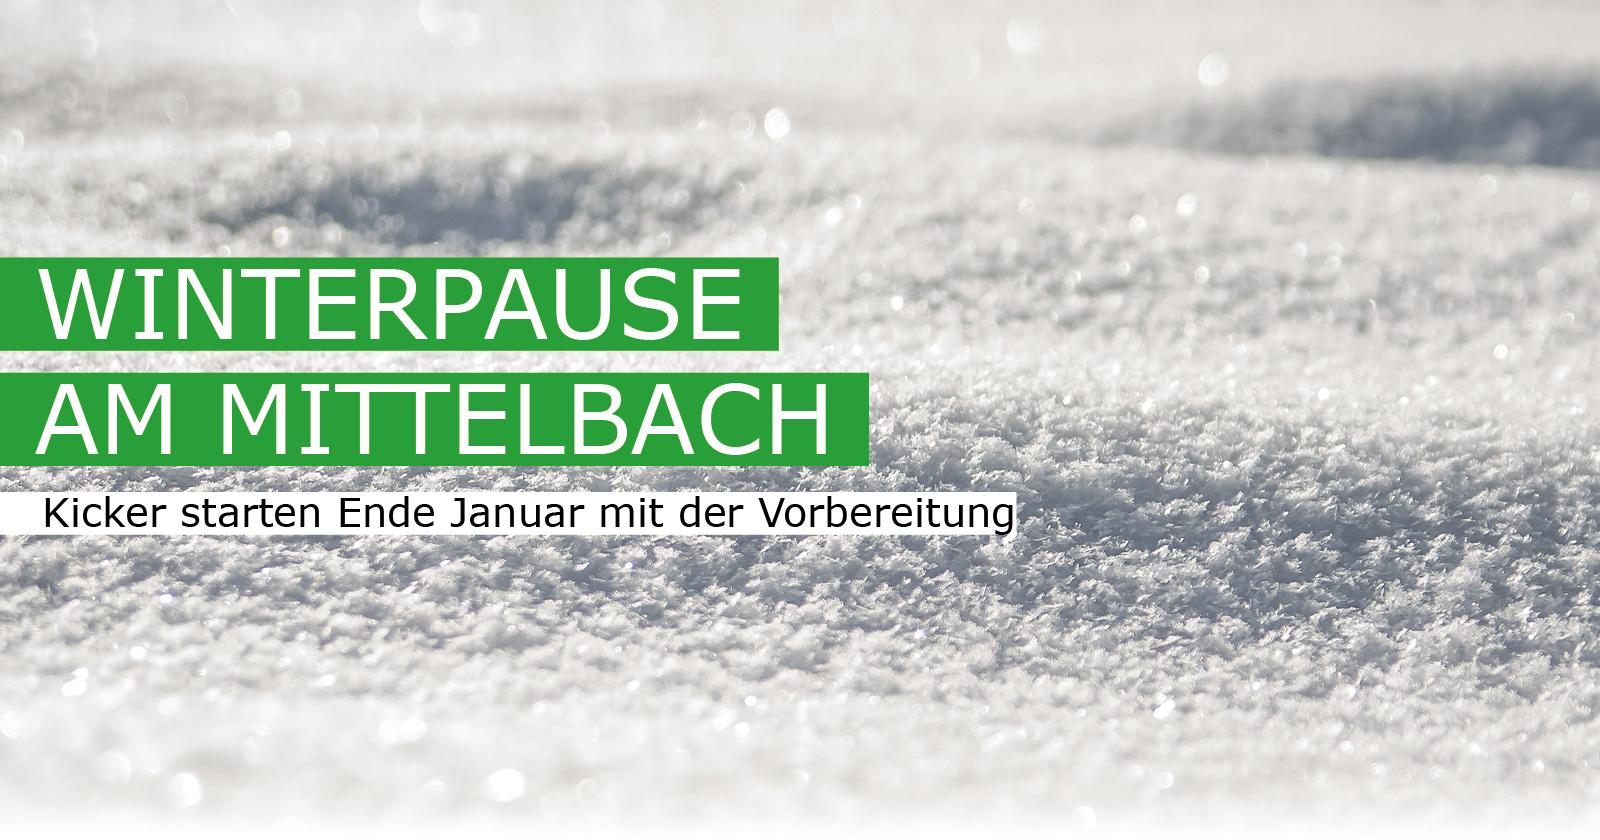 Winterpause Saison 2019/20